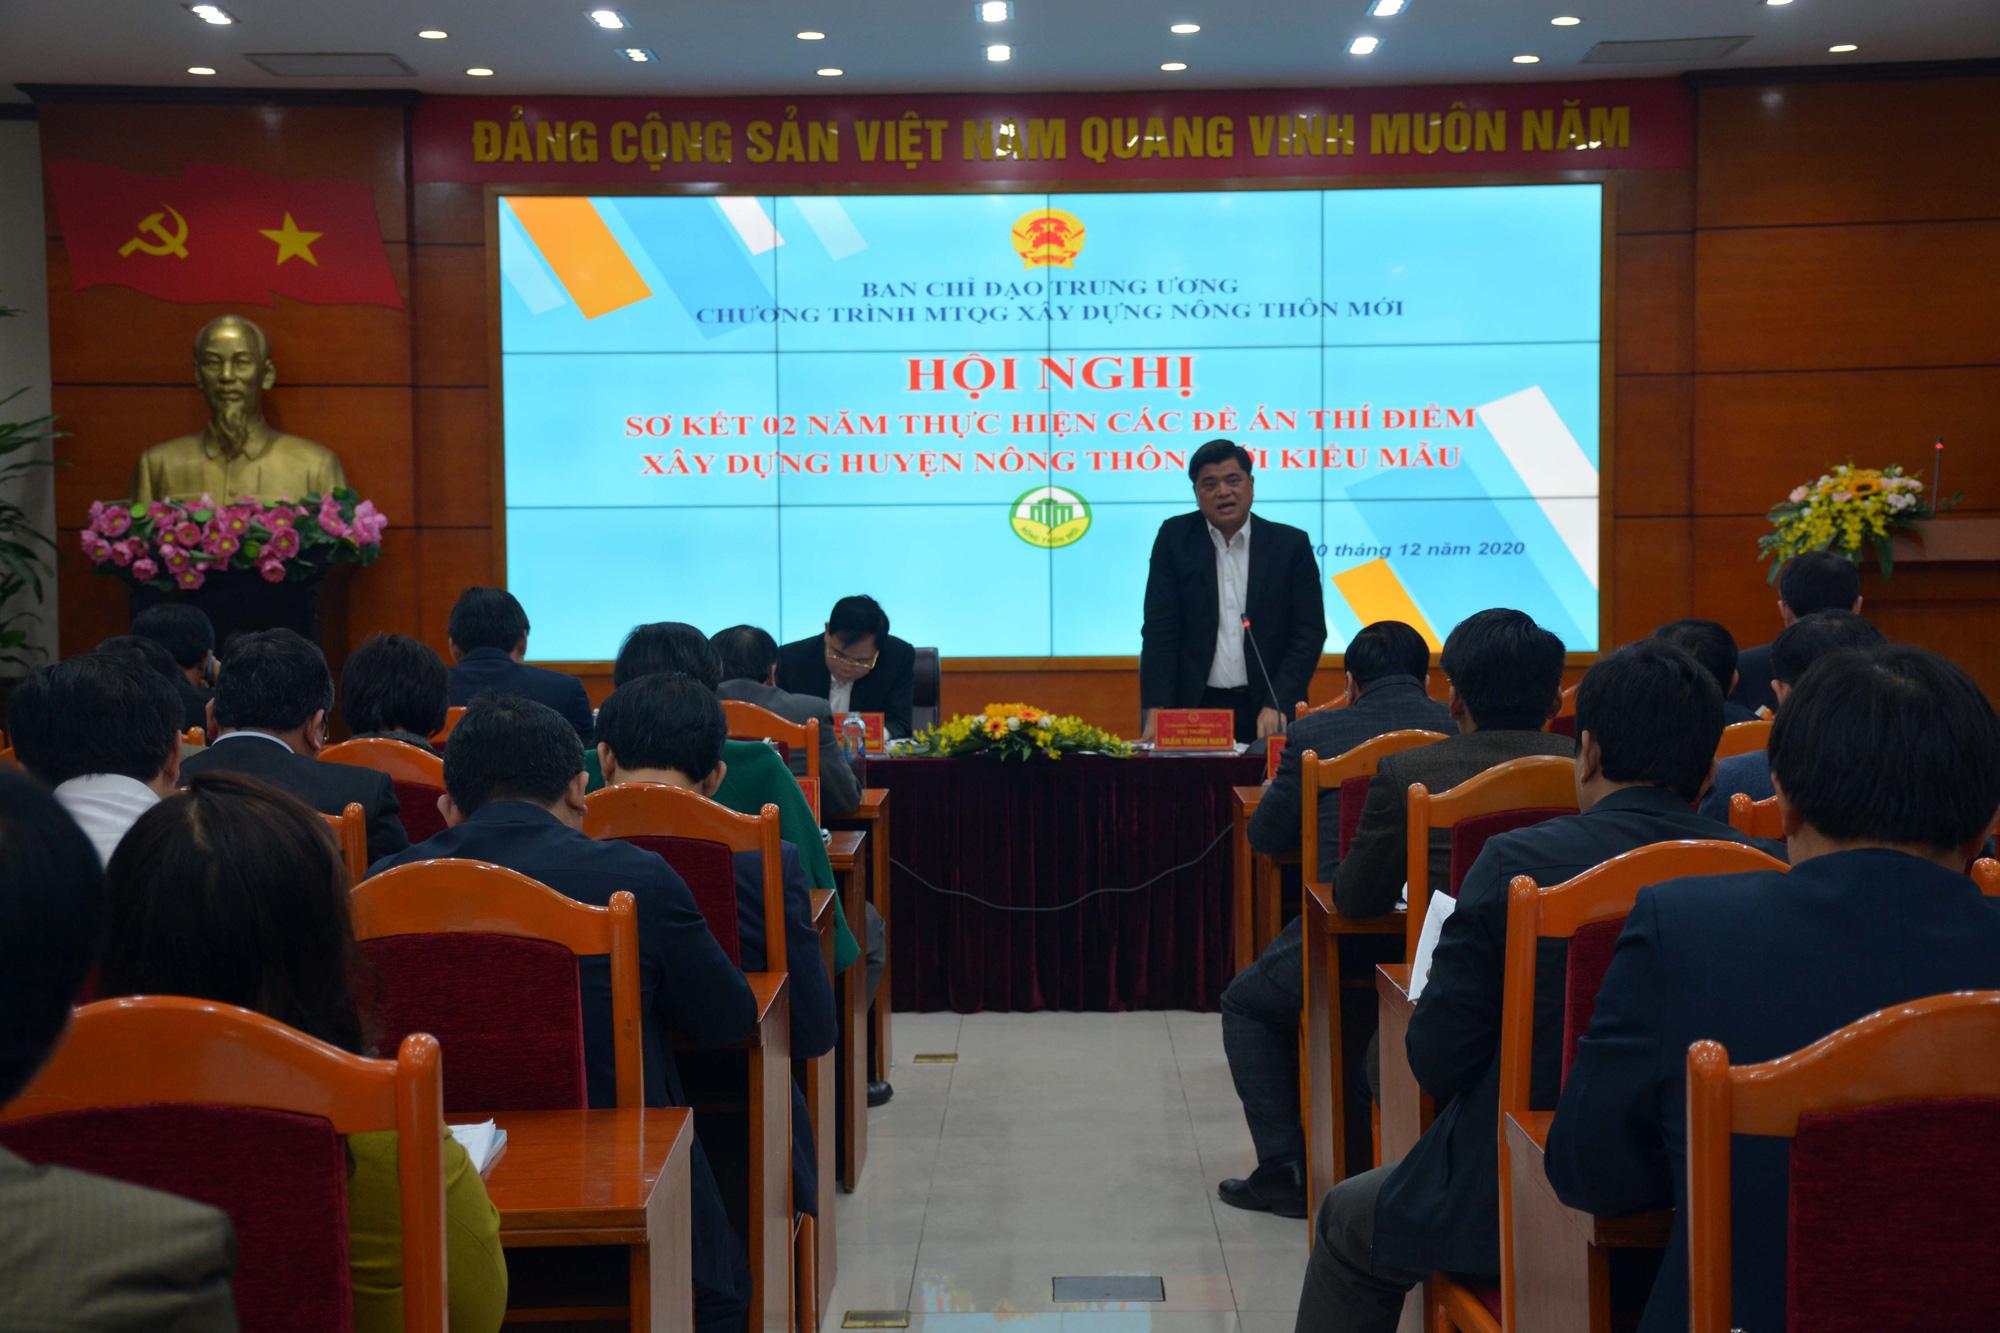 Bộ trưởng Nguyễn Xuân Cường: Kinh tế nông thôn phải bứt phá, tăng thu nhập và giảm nghèo cho nông dân